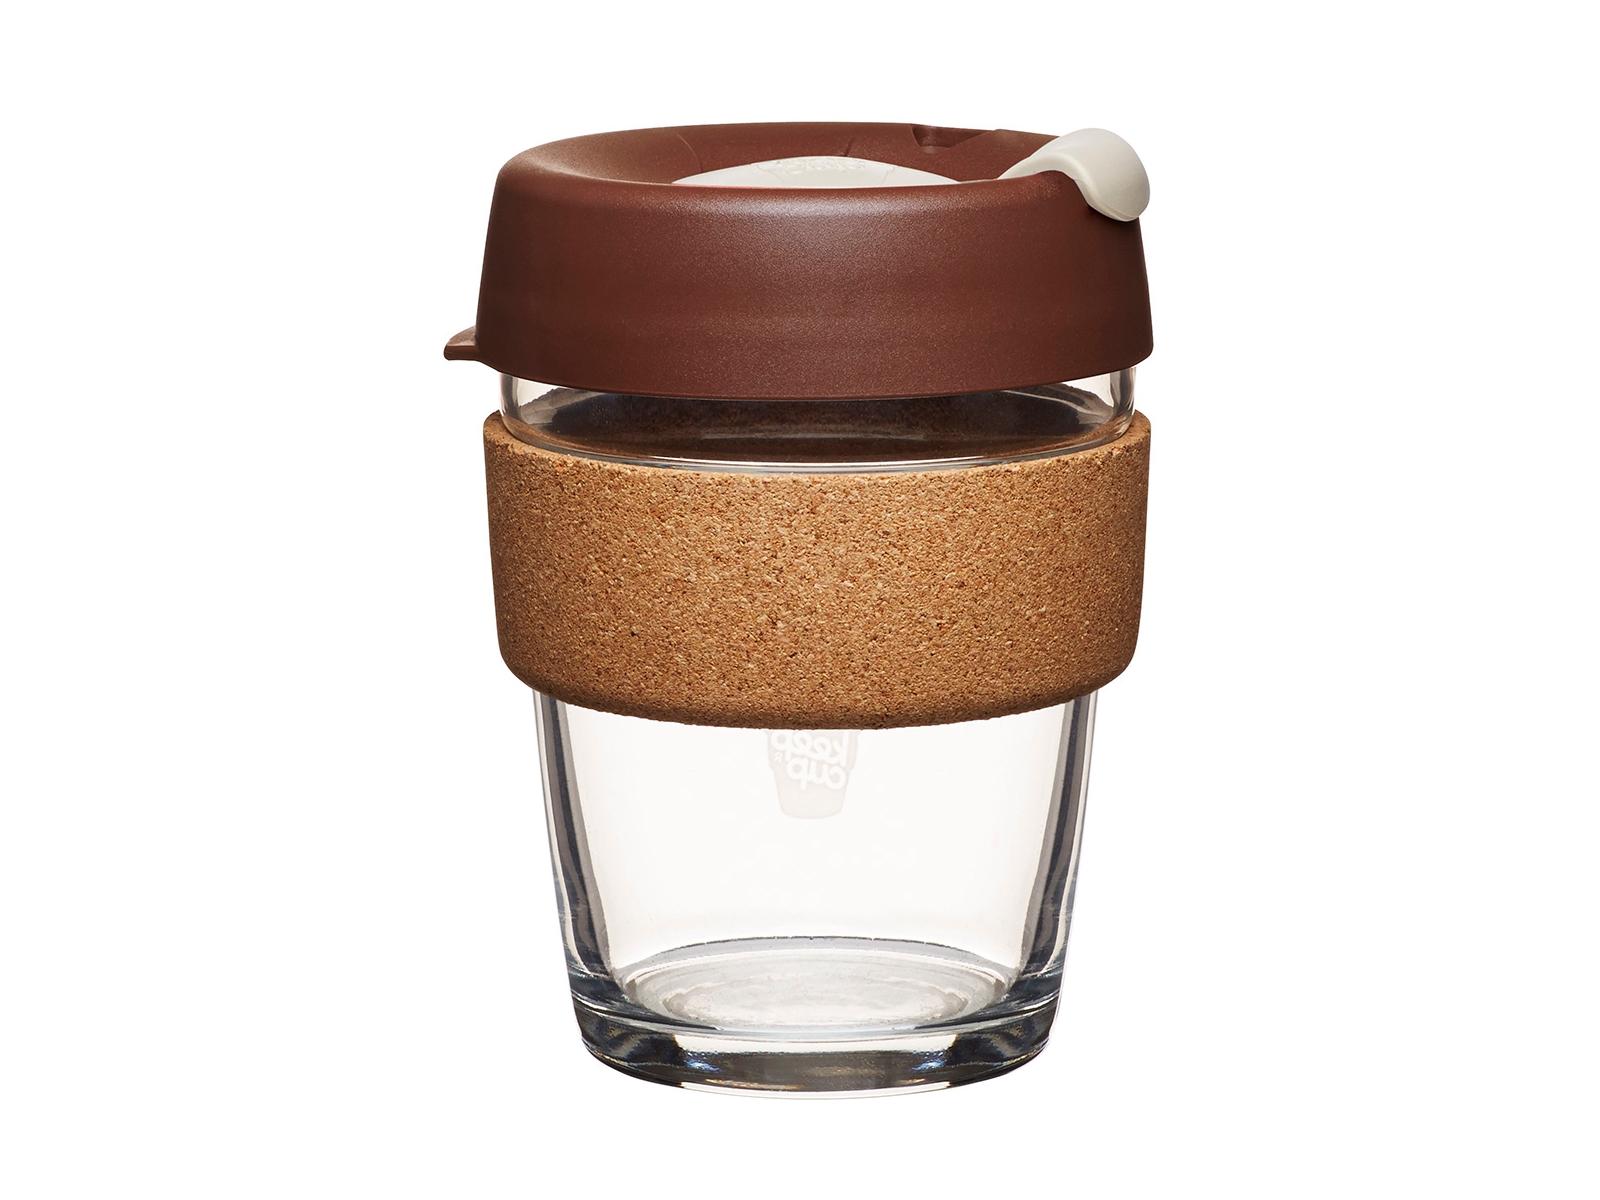 Кружка Keepcup almond limitedЧайные пары, чашки и кружки<br>Кружка, созданная с мыслями о вас и о планете. Главная идея KeepCup – вдохновить любителей кофе отказаться от использования одноразовых бумажных и пластиковых стаканов, так как их производство и утилизация наносят вред окружающей среде. В год производится и выбрасывается около 500 миллиардов одноразовых стаканчиков, а ведь планета у нас всего одна! <br>Но главный плюс кружки  – привлекательный дизайн, который станет отражением вашего личного стиля. Берите её в кафе или наливайте кофе, чай, сок дома, чтобы взять с собой - пить вкусные напитки на ходу, на работе или на пикнике. Специальная крышка с открывающимся и закрывающимся клапаном спасет от брызг, плотный ободок поможет не обжечься (плюс, удобно держать кружку в руках.<br>Крышка сделана без содержания вредного бисфенола (BPA-free). Корпус - из закаленного стекла, устойчивого к термическому и механическому воздействию.&amp;amp;nbsp;&amp;lt;div&amp;gt;&amp;lt;br&amp;gt;&amp;lt;/div&amp;gt;&amp;lt;div&amp;gt;Объем: 340 мл.&amp;lt;br&amp;gt;&amp;lt;/div&amp;gt;<br><br>Material: Стекло<br>Высота см: 13